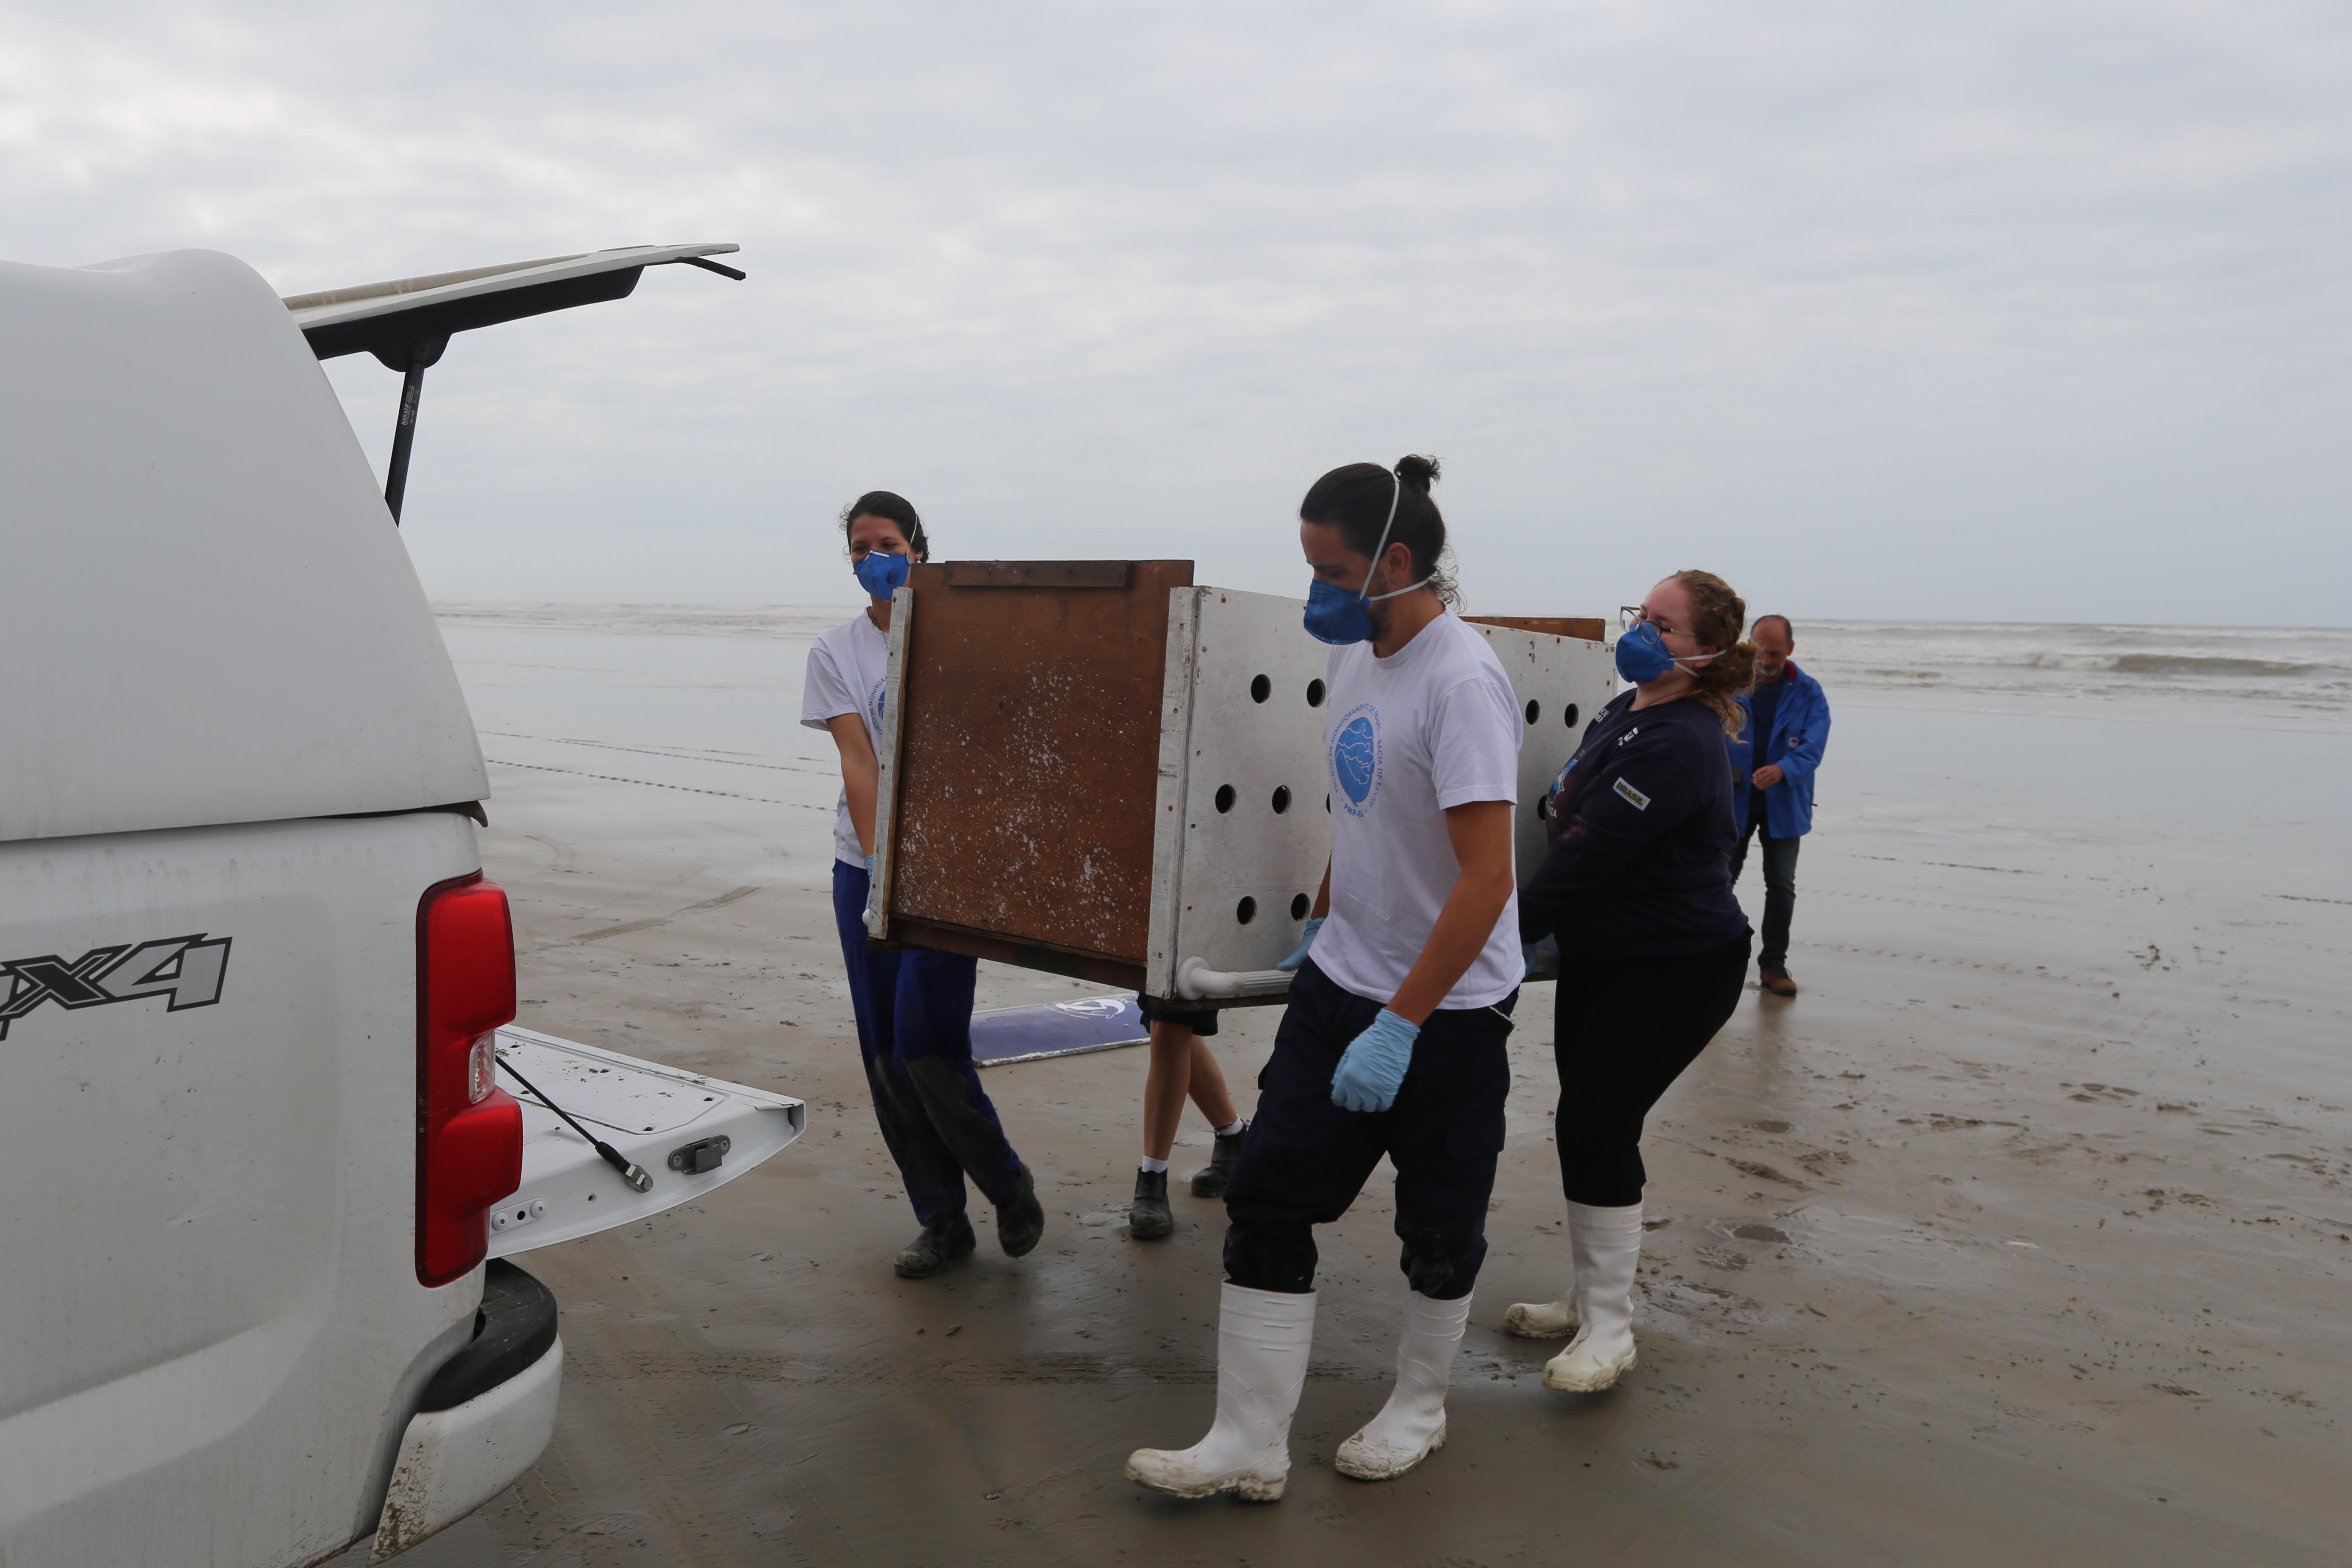 Lobo-marinho reabilitado é solto no litoral de SP: Gratificante - Notícias - Plantão Diário